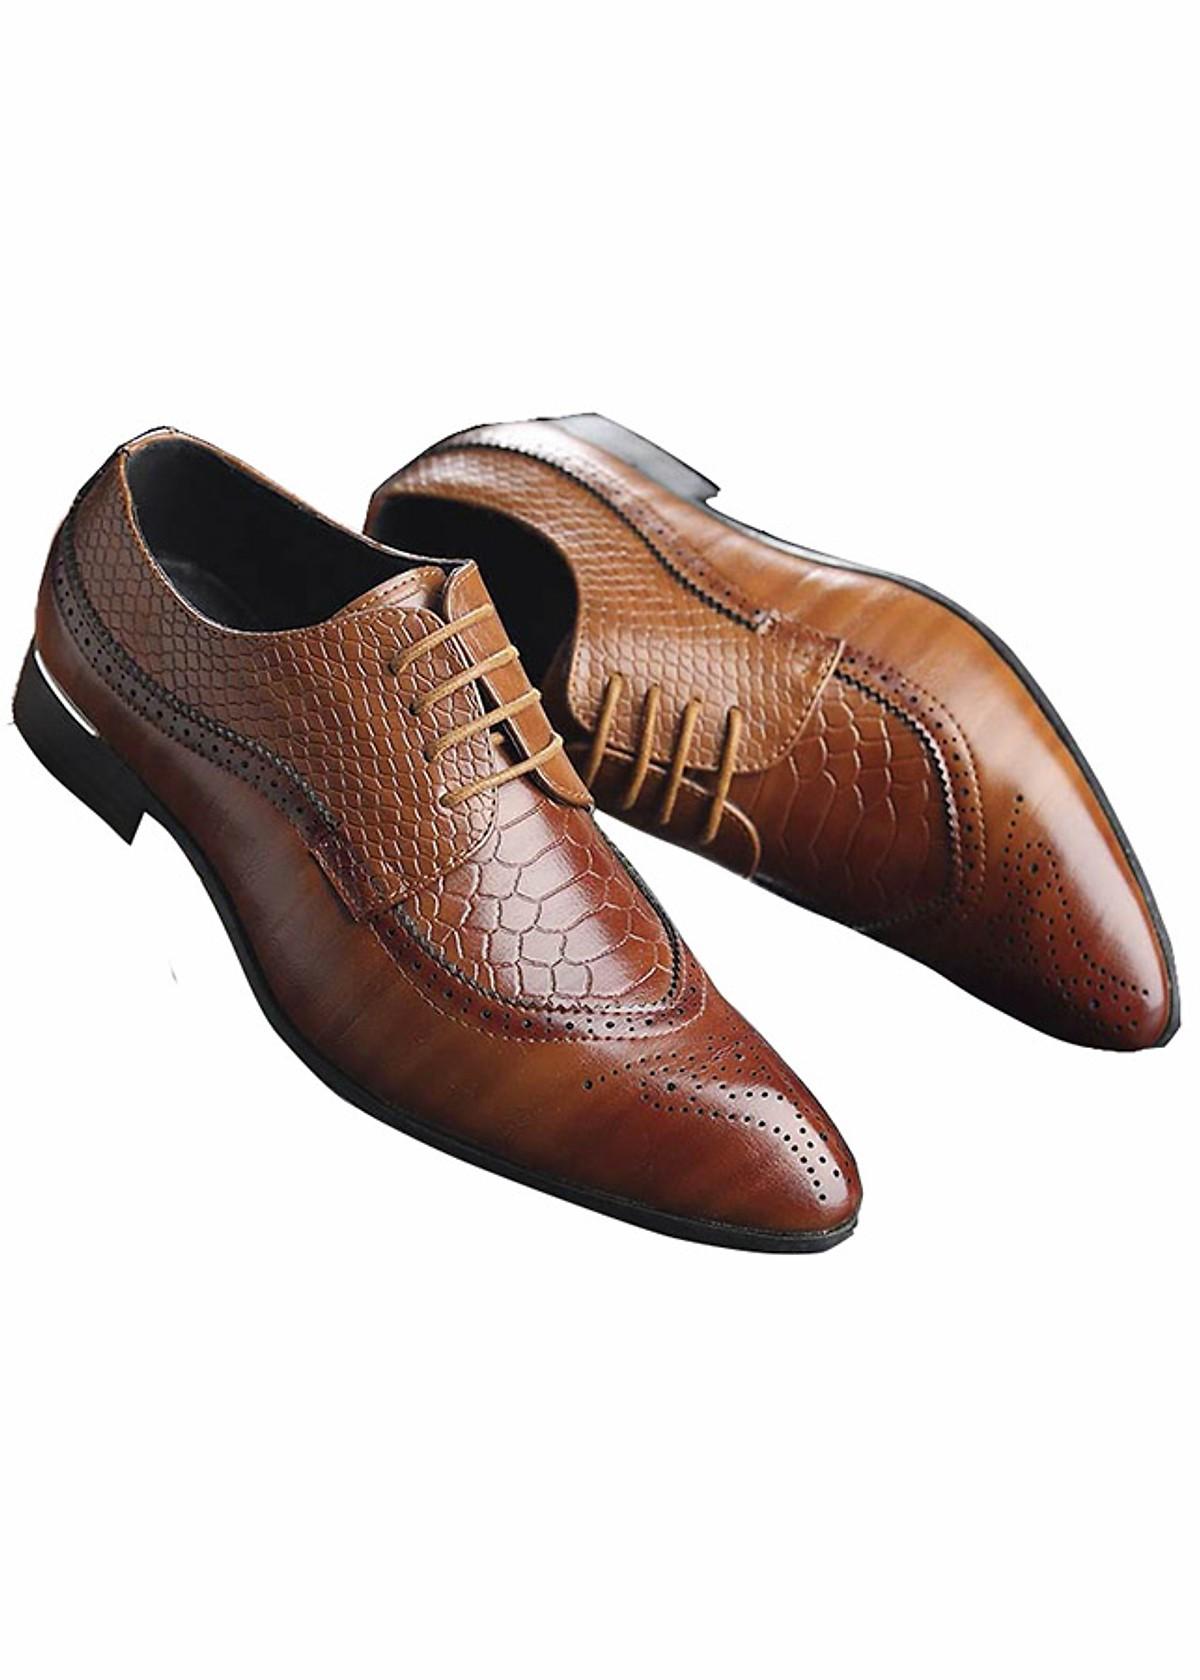 Giày Tây Nam TZN Chất Liệu Da Cao Cấp Lịch lãm Thời Thượng Cao Cấp [ BT33 Màu Nâu ]